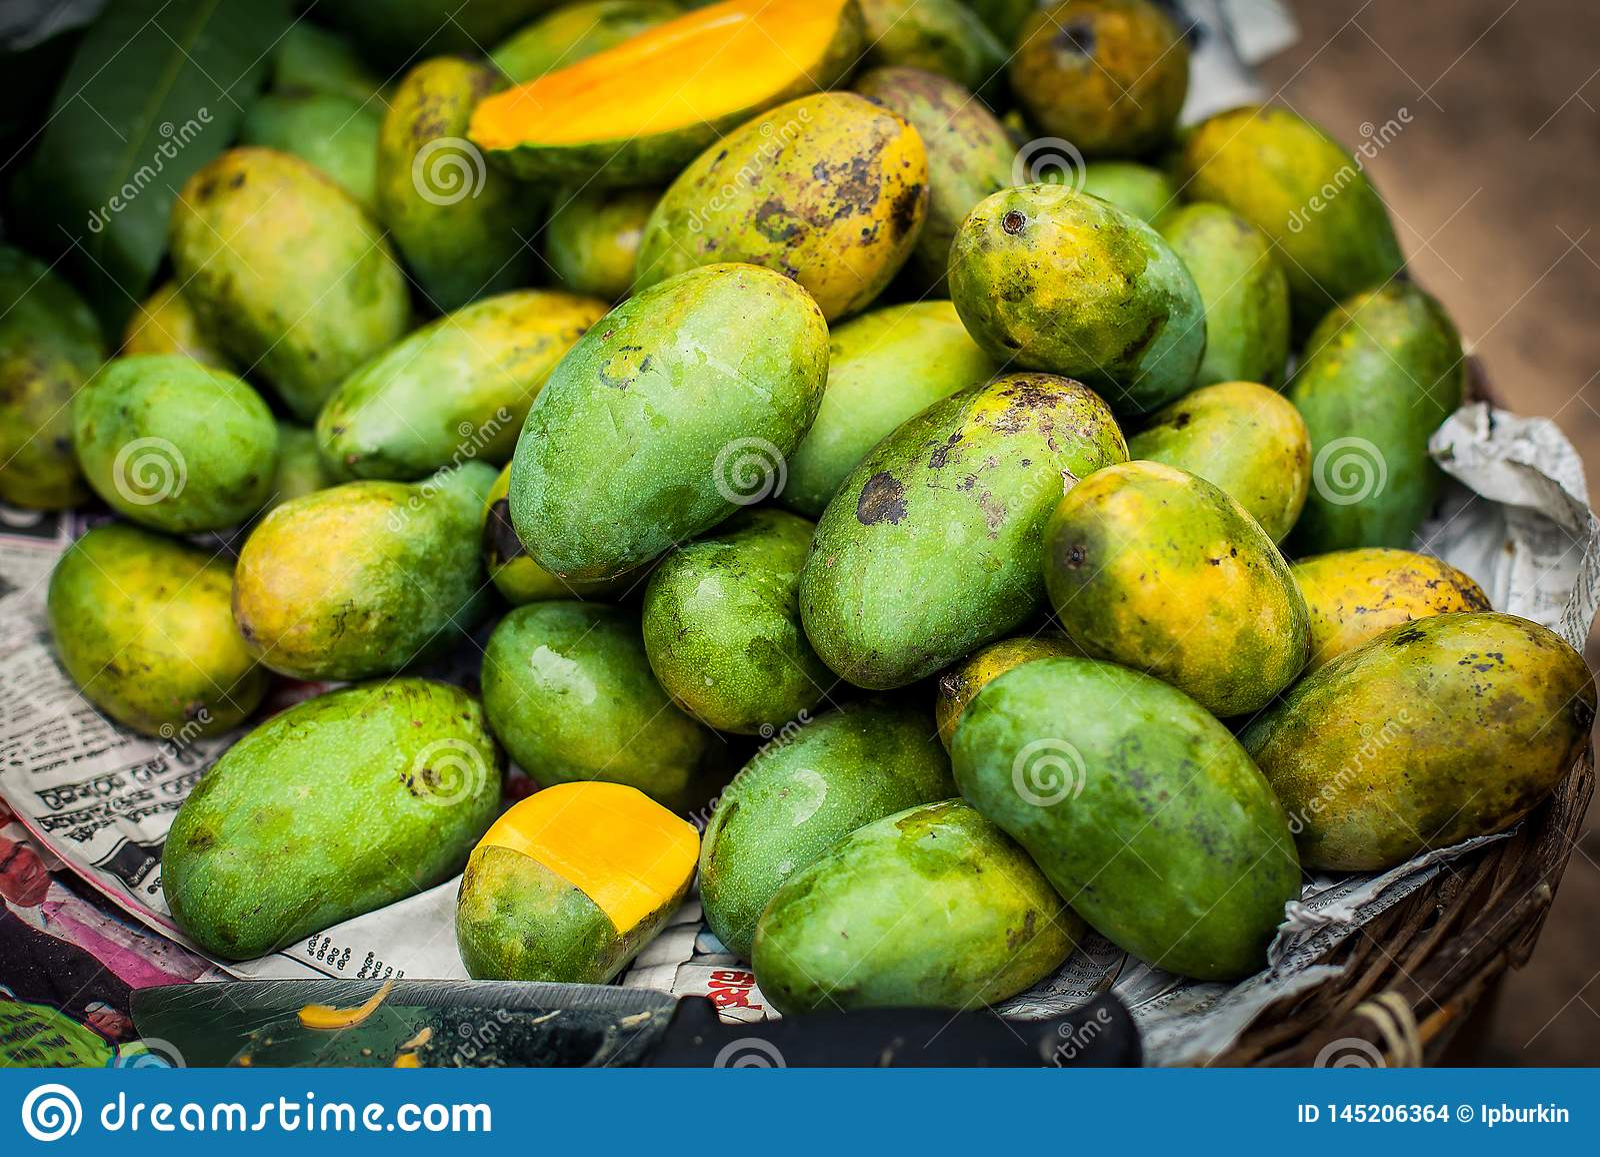 Серии свежих манго свежие фрукты растя манго экзотические плоды Шри-Ланка зеленый плод манго